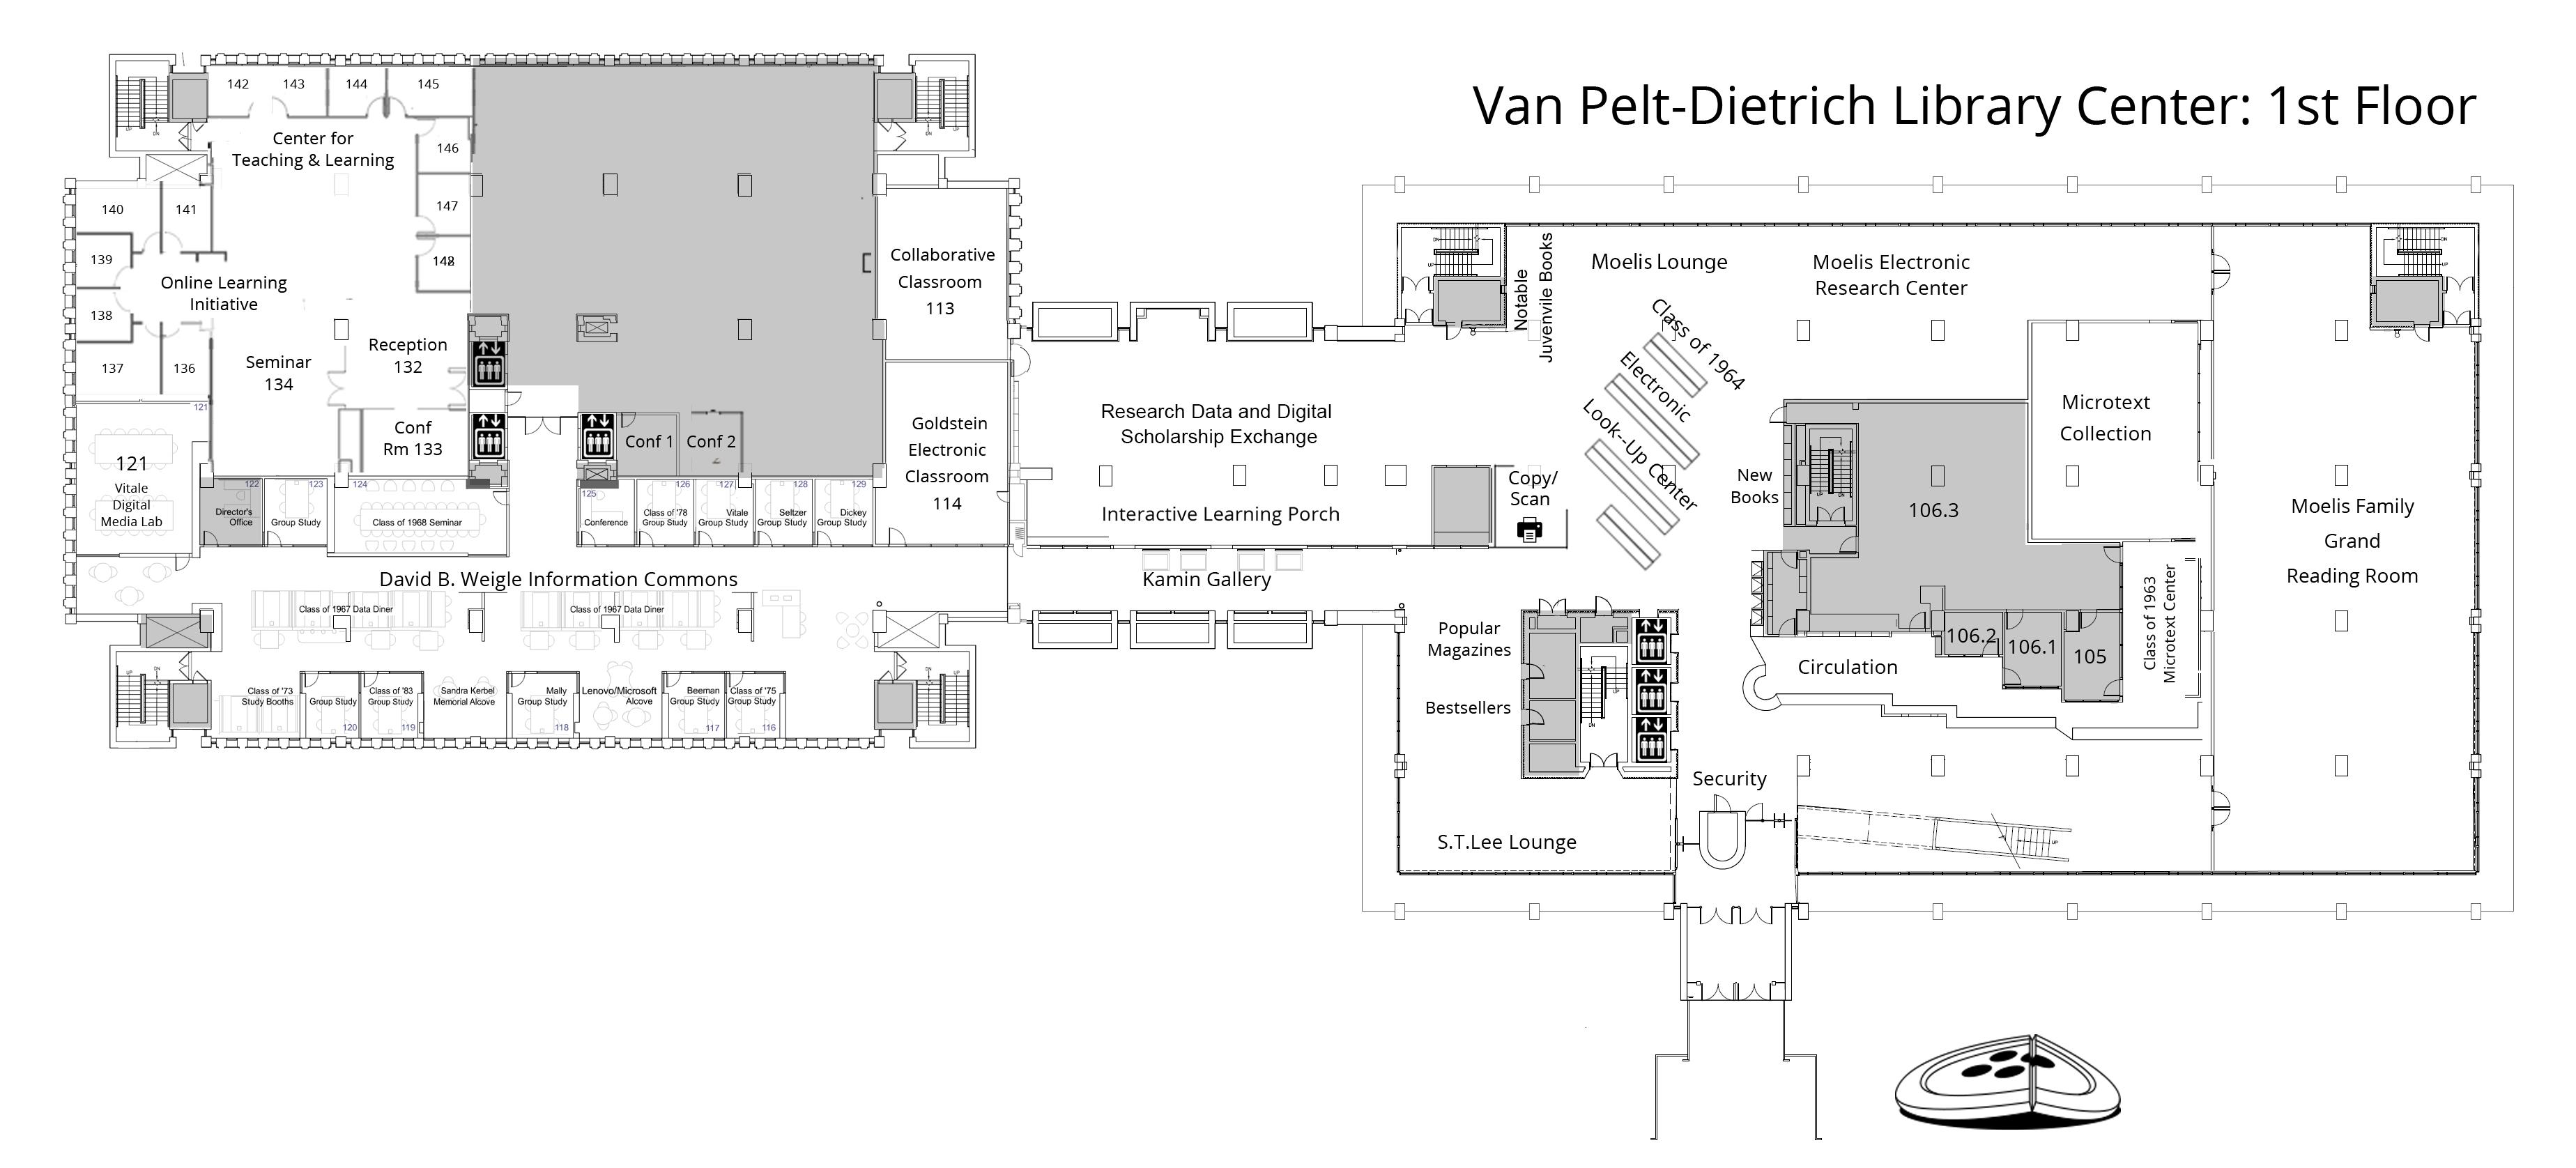 Collaborative Classroom Van Pelt : Van pelt dietrich library center first floor penn